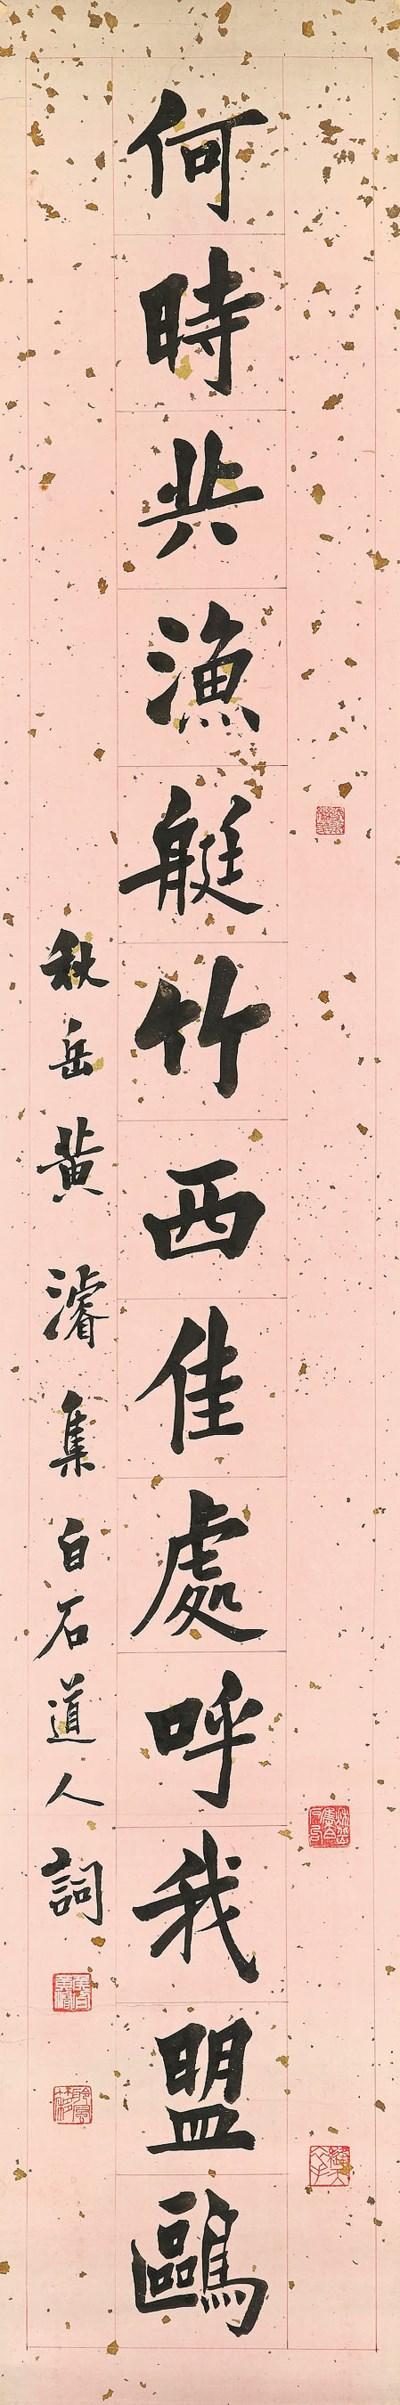 HUANG JUN (1891-1937)